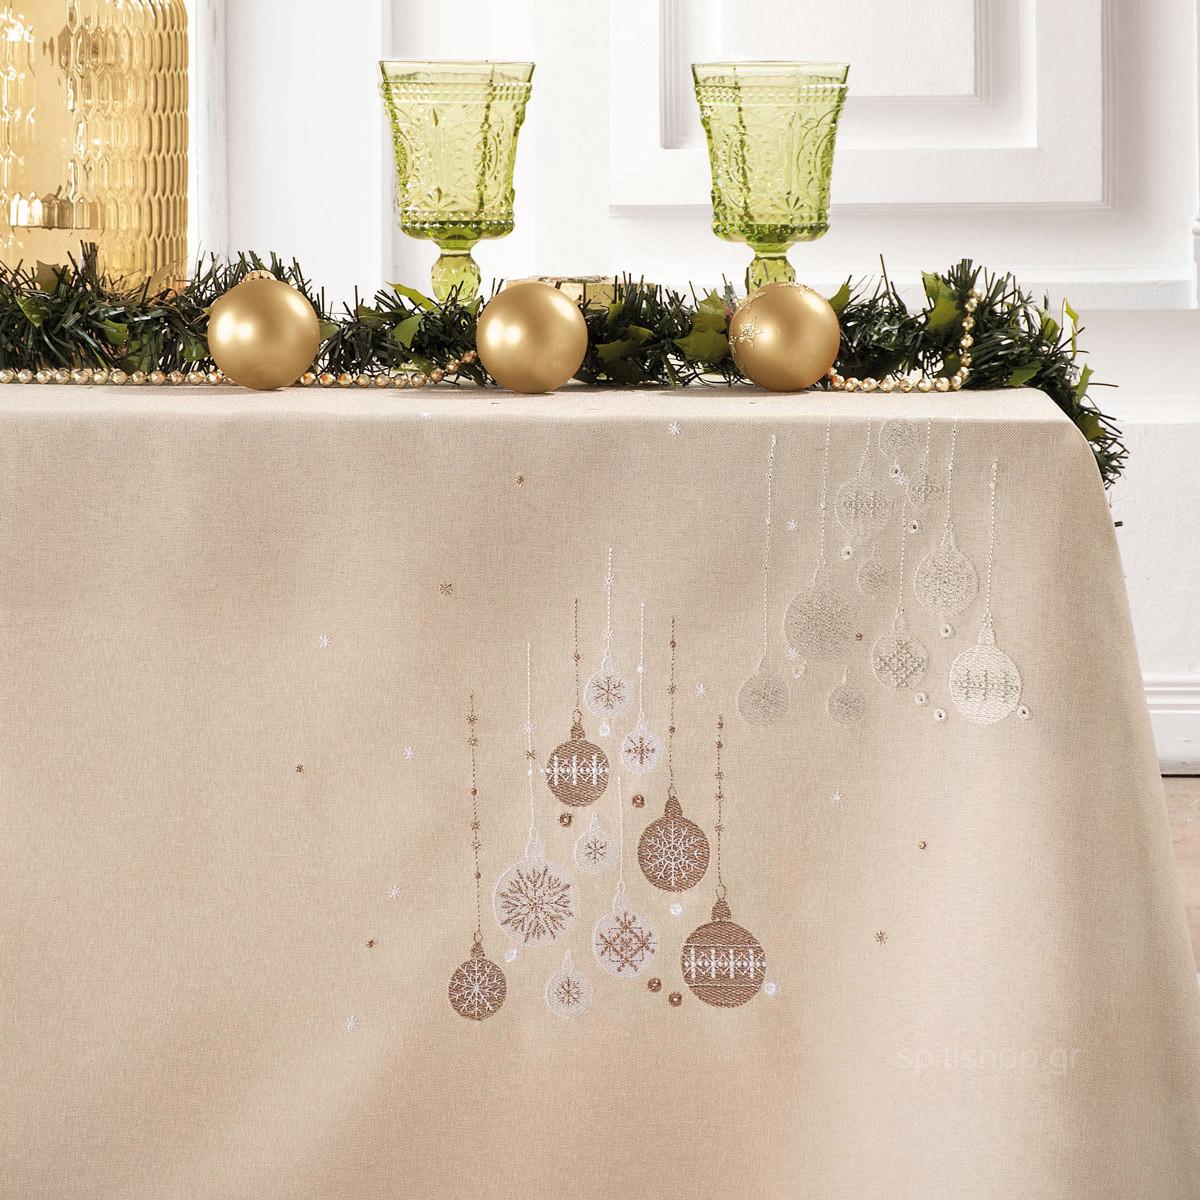 Χριστουγεννιάτικο Τραπεζομάντηλο (140×180) Makis Tselios Spirito